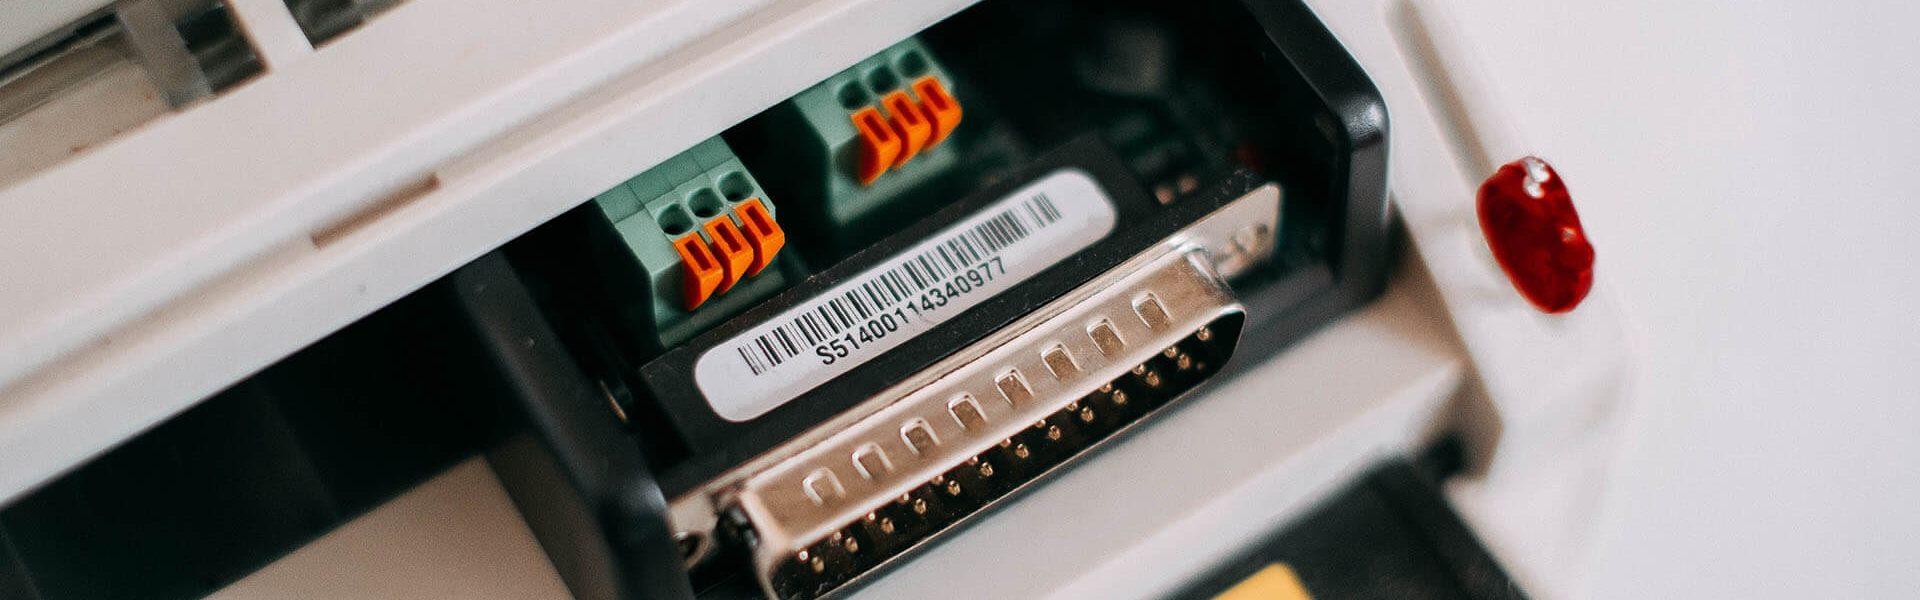 DSCF8966